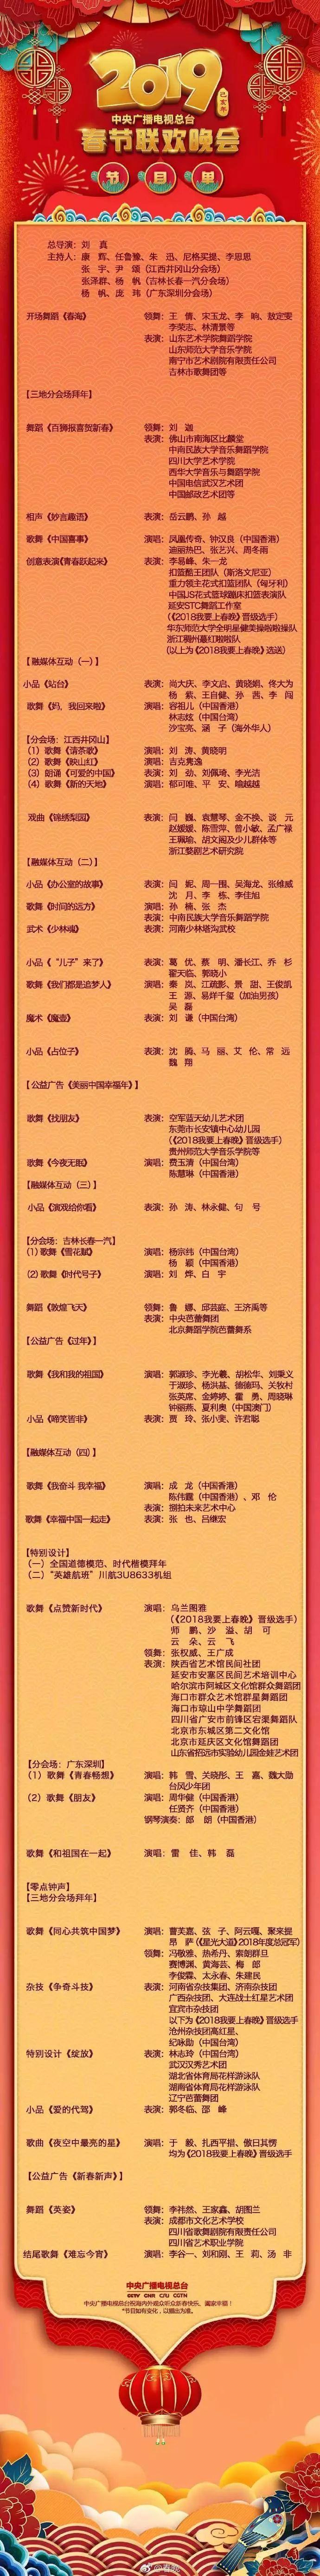 2019年央视春晚官宣!朱一龙李易峰张艺兴热巴20位顶级流量大聚会